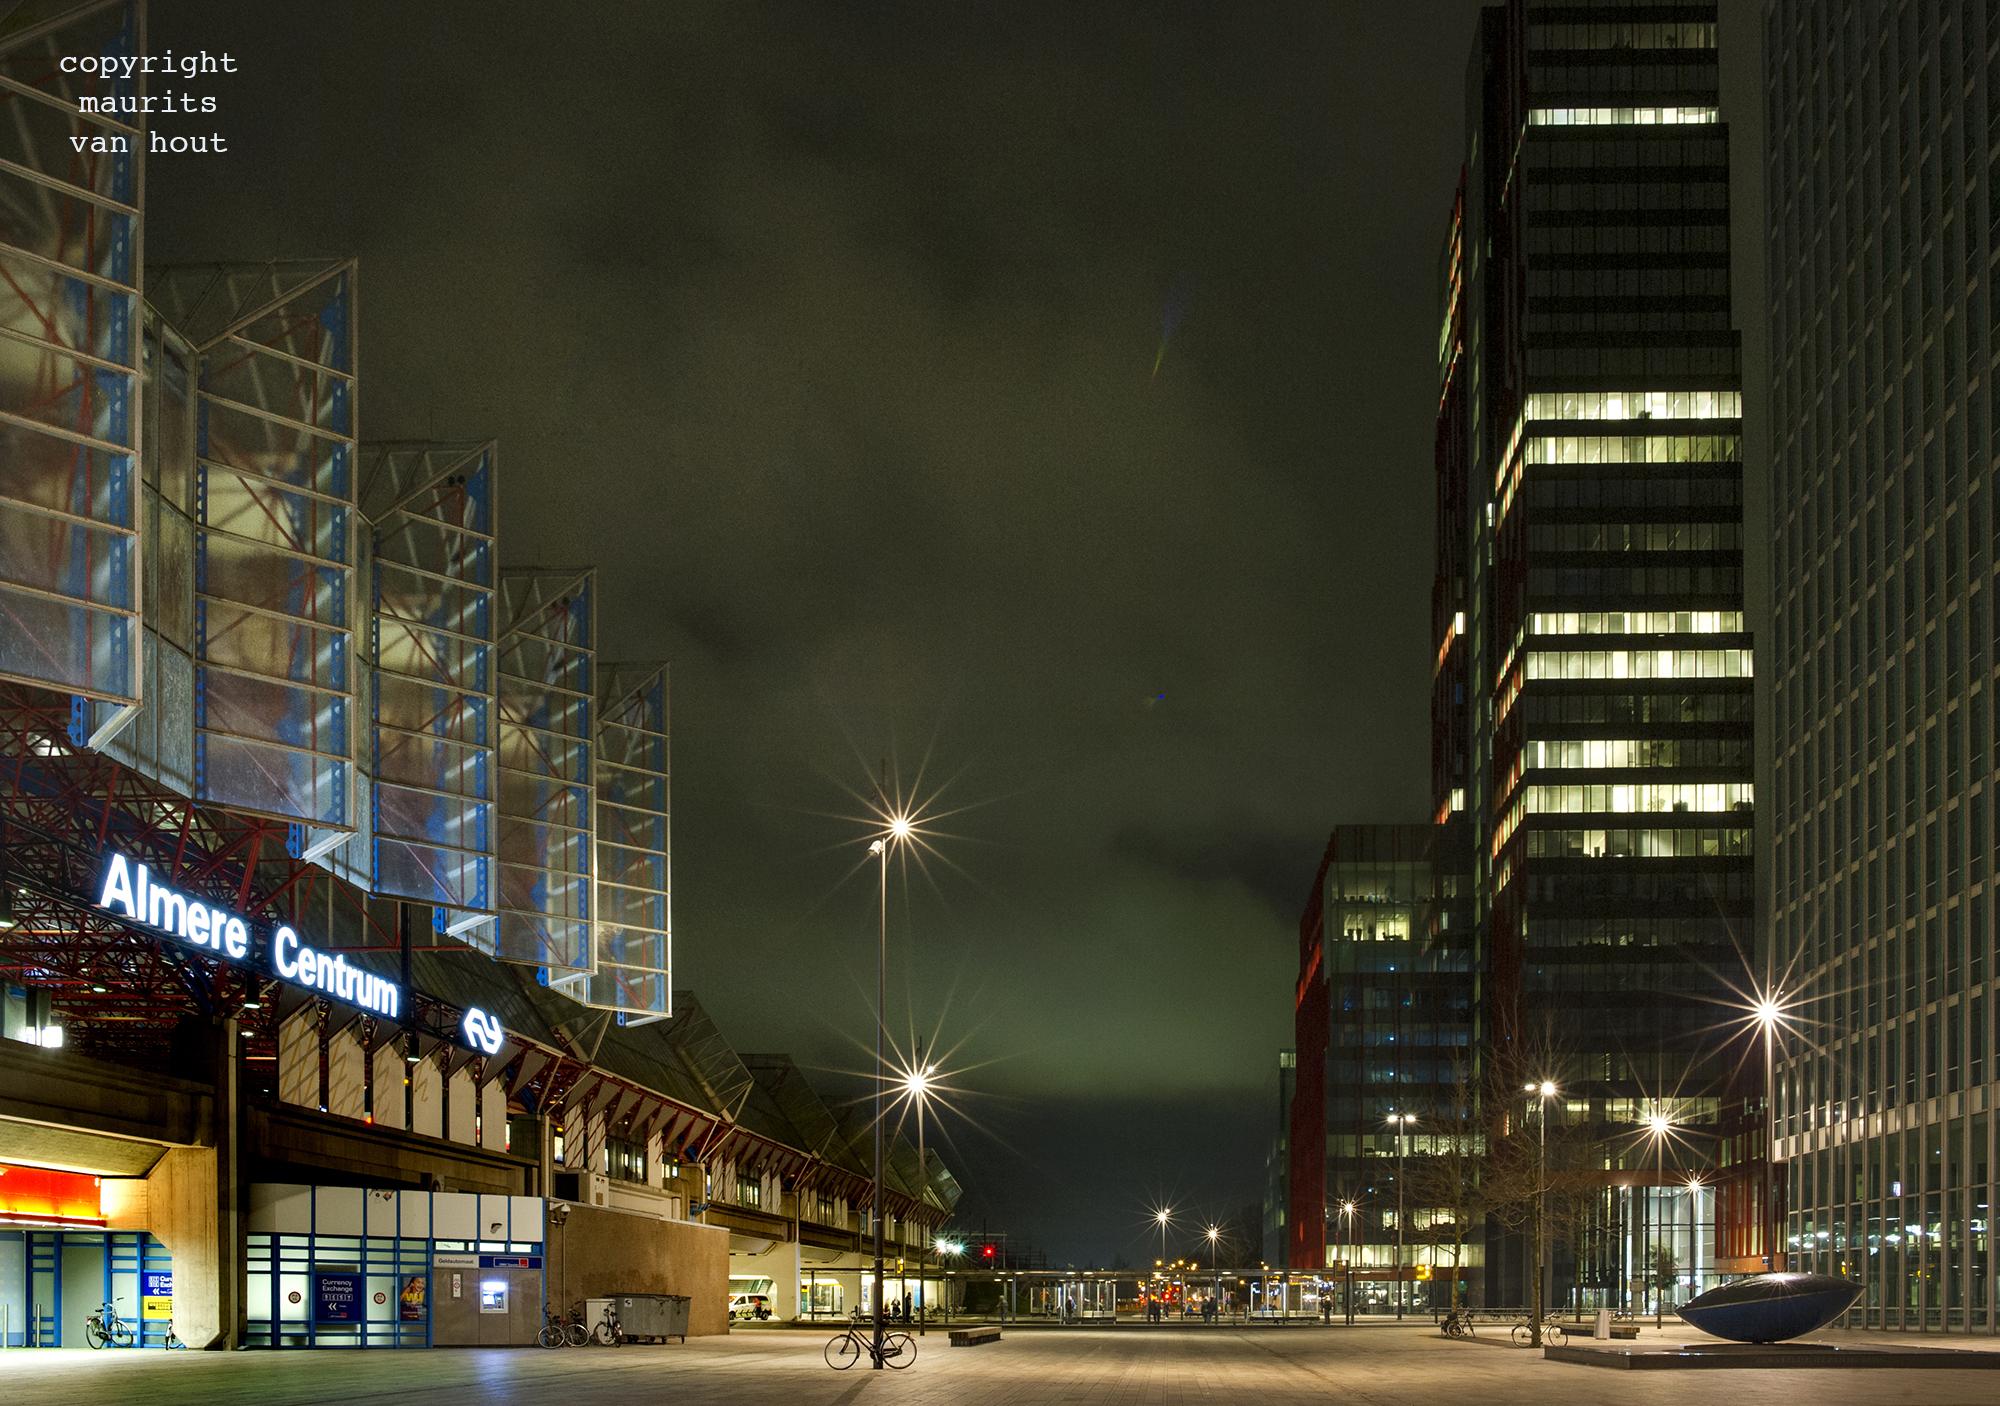 Almere station gefotografeerd door architectuurfotograaf Maurits van Hout